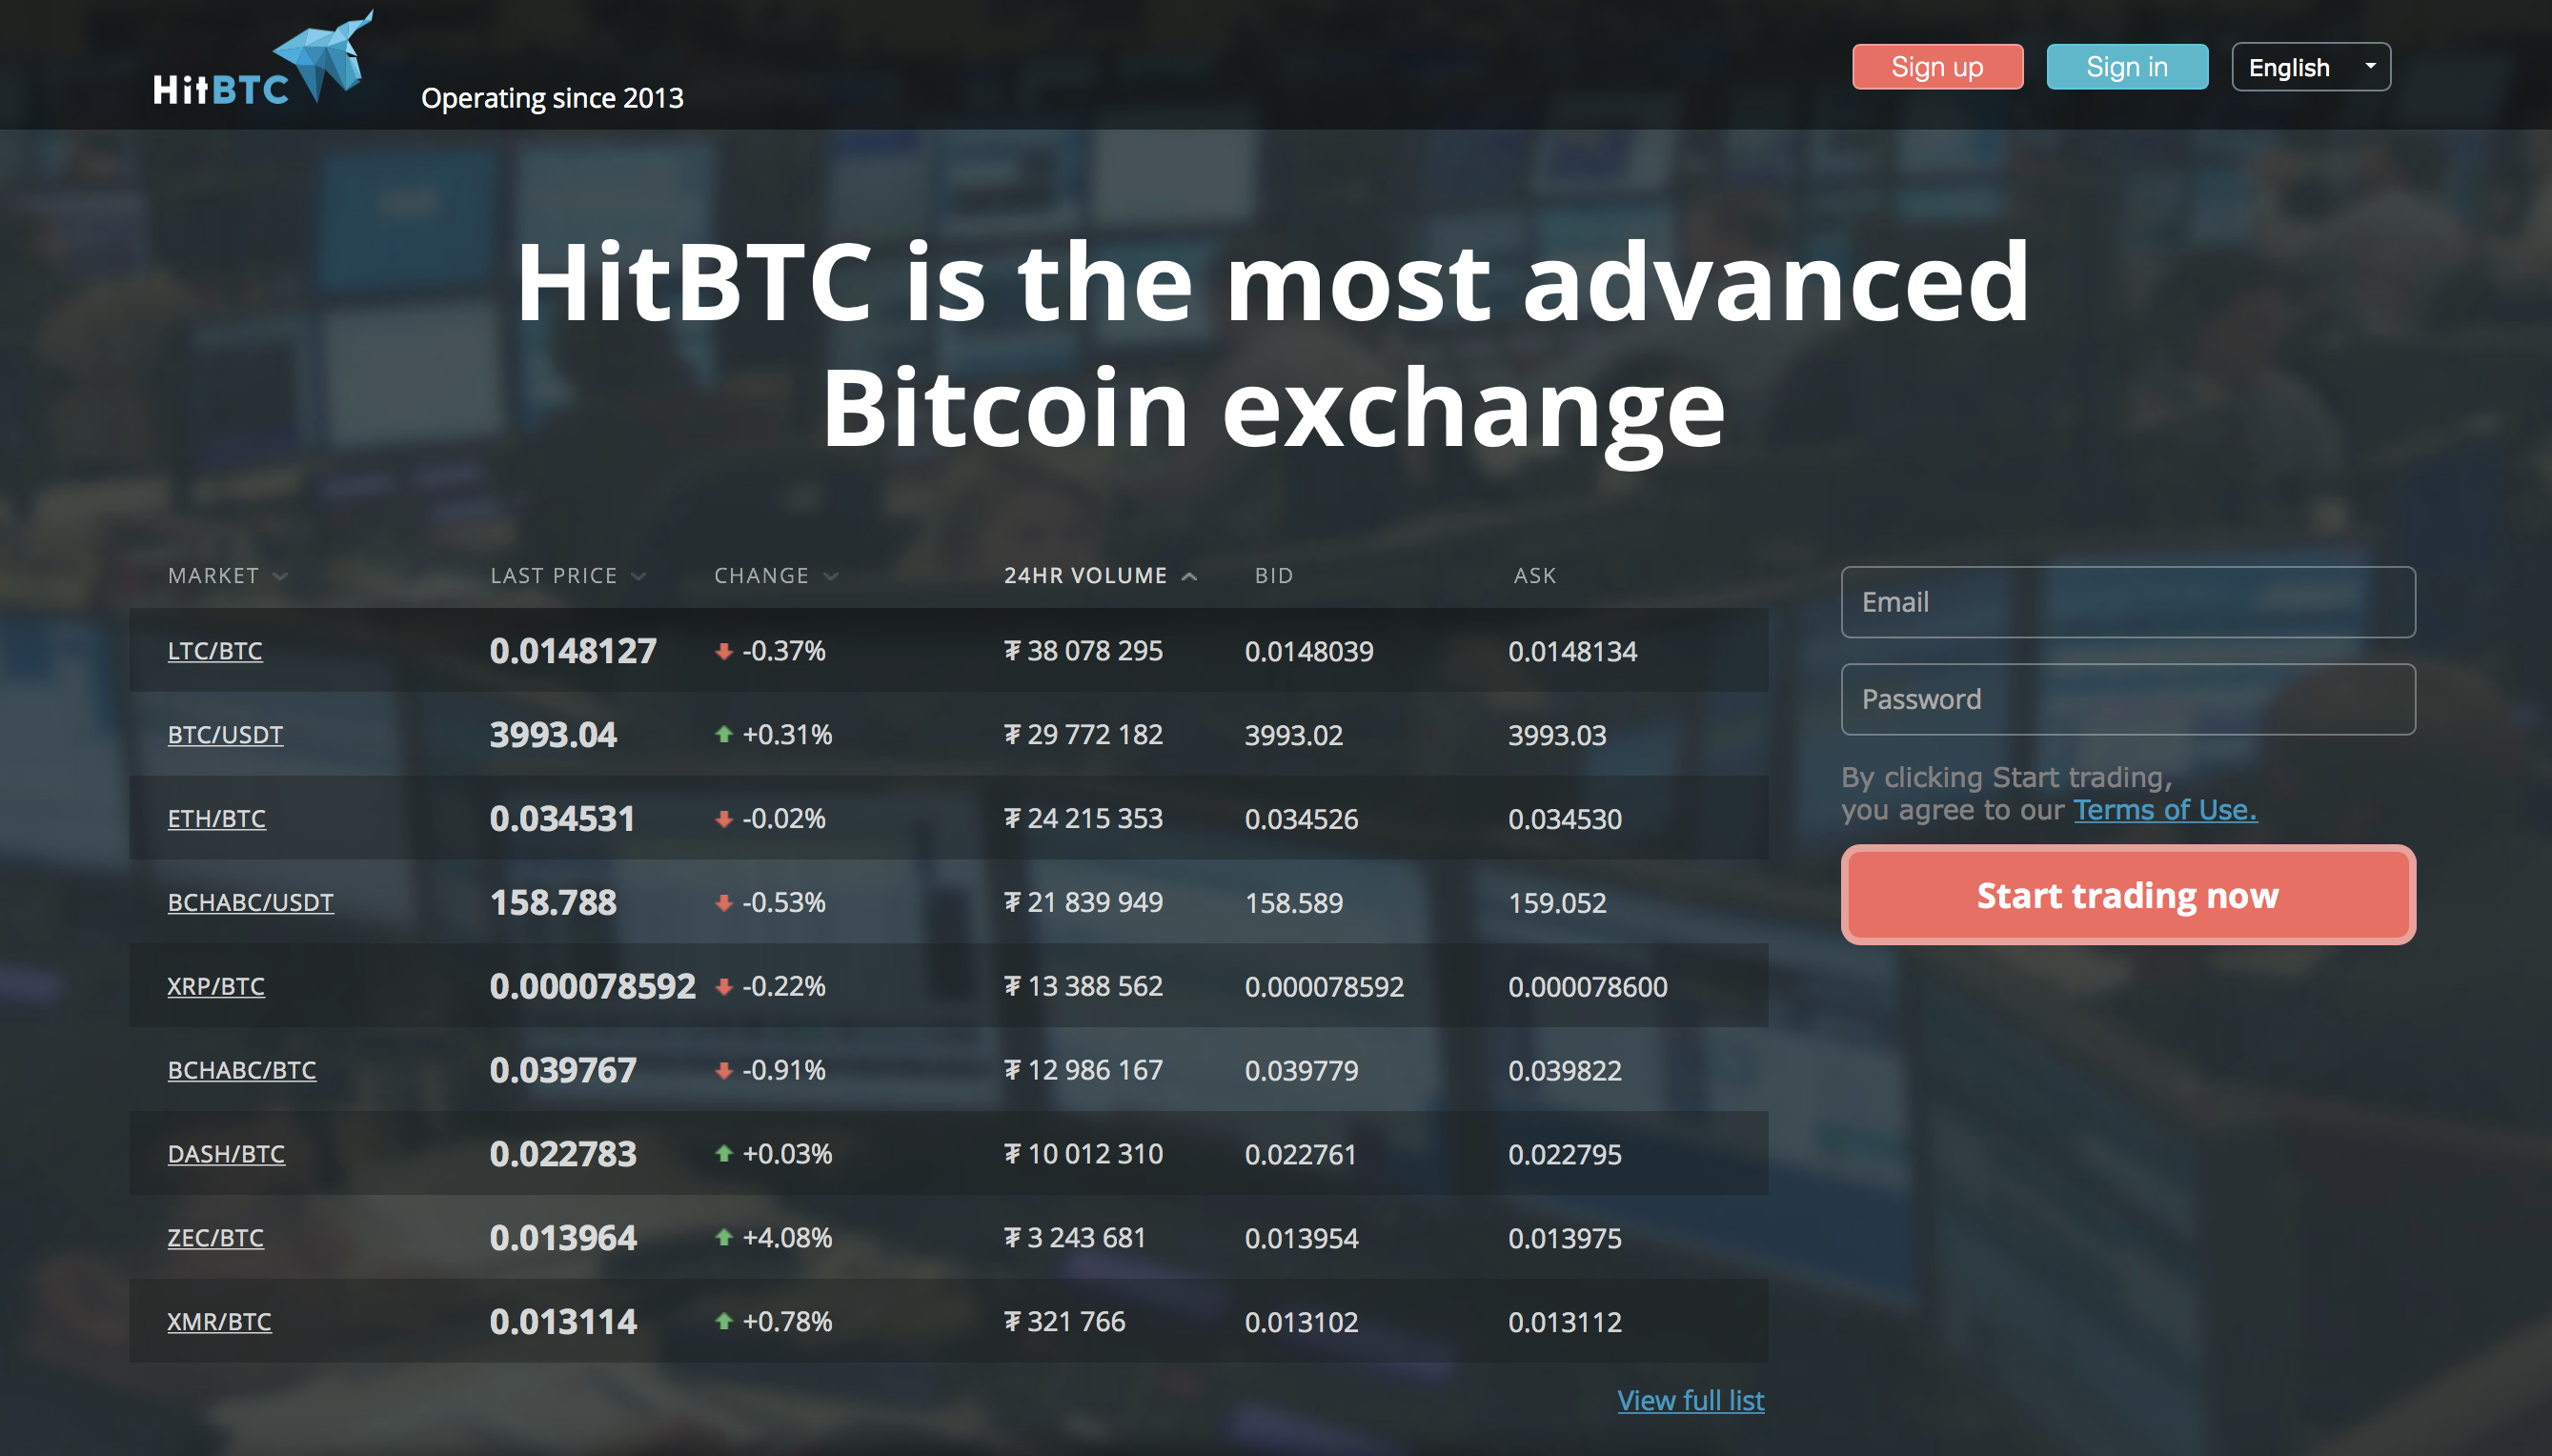 HitBTC website